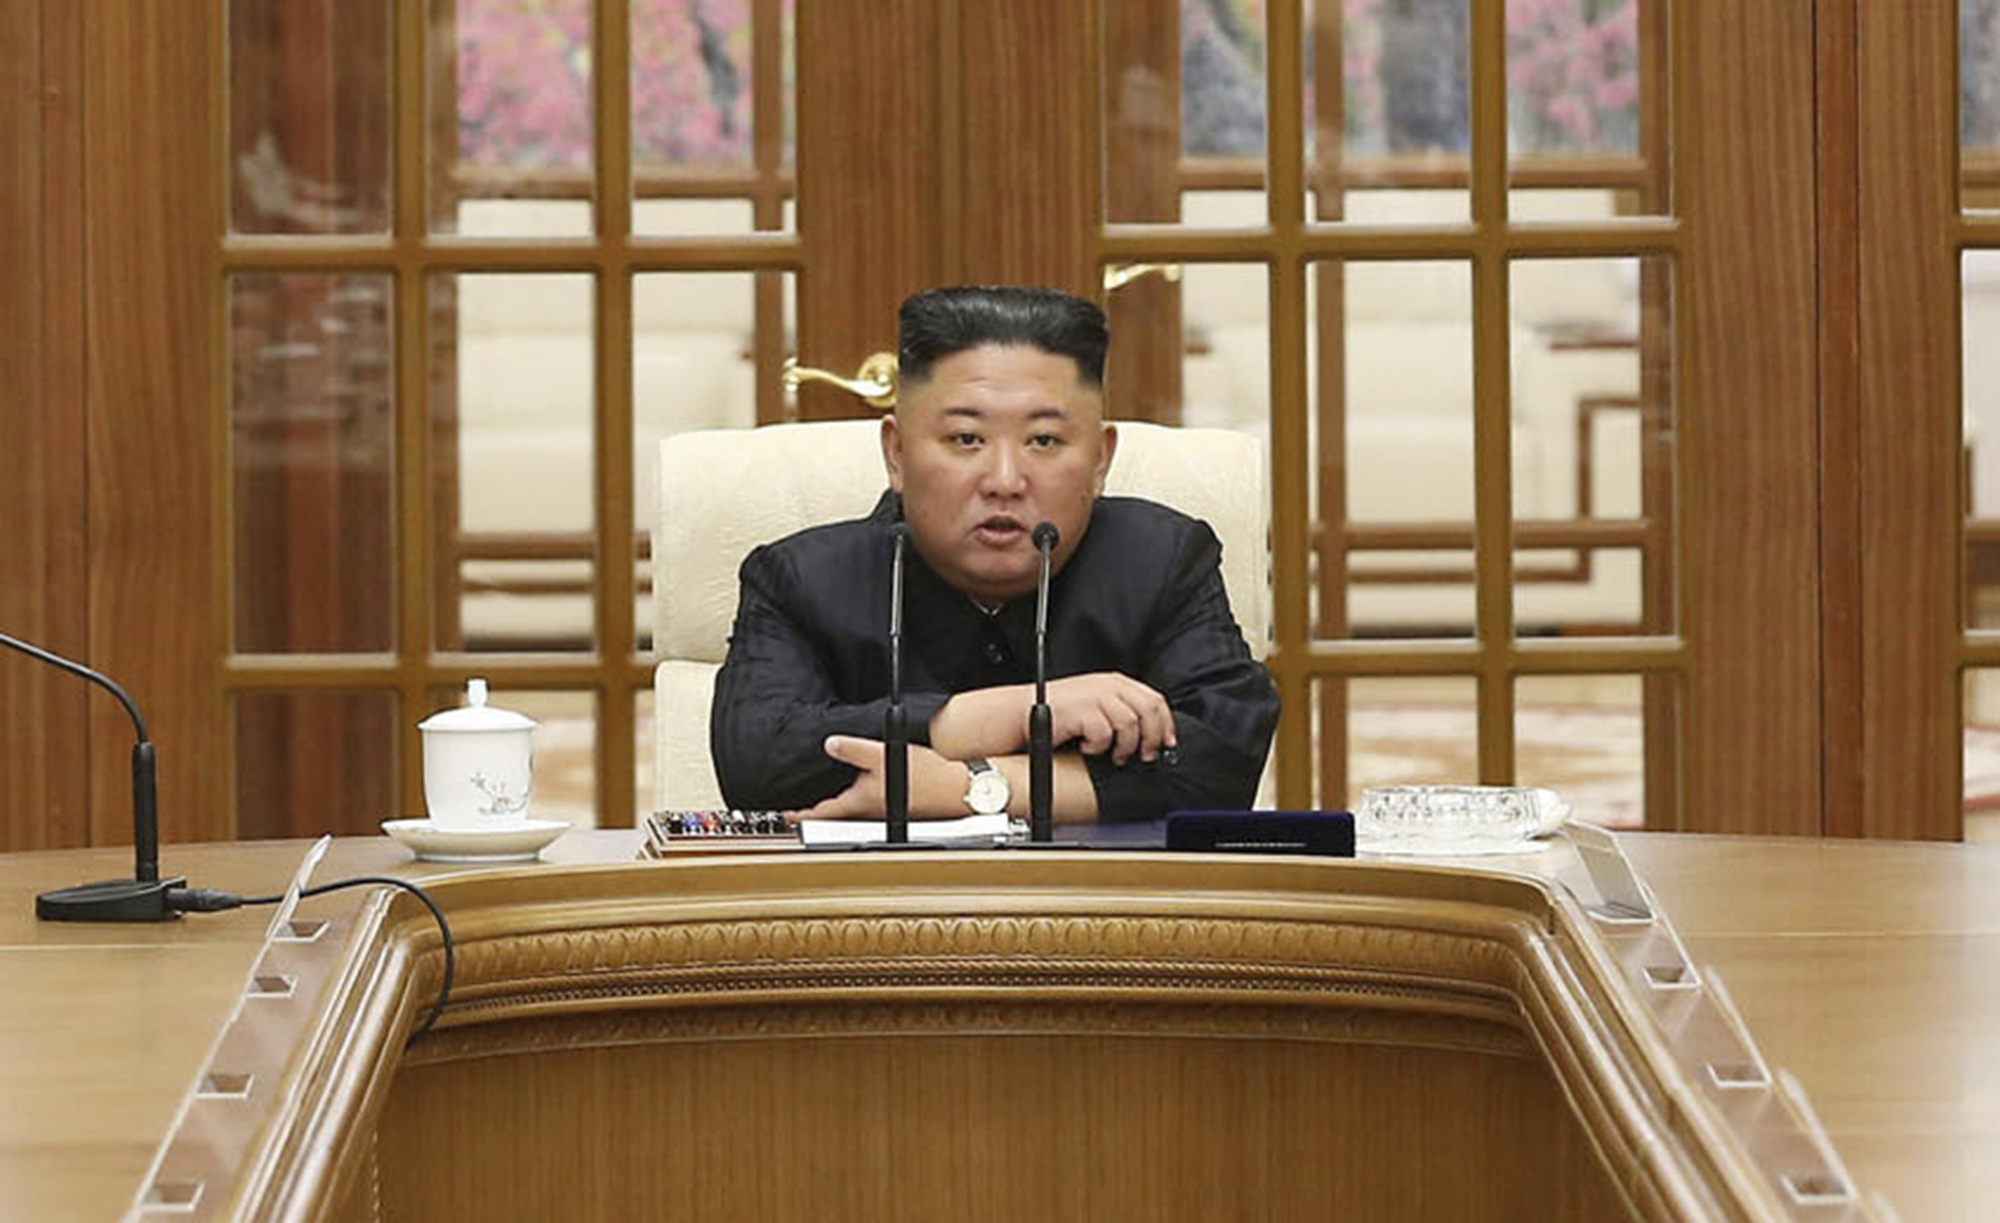 Kim Jong-un durante una reunión del Gobierno en Pyongyang.